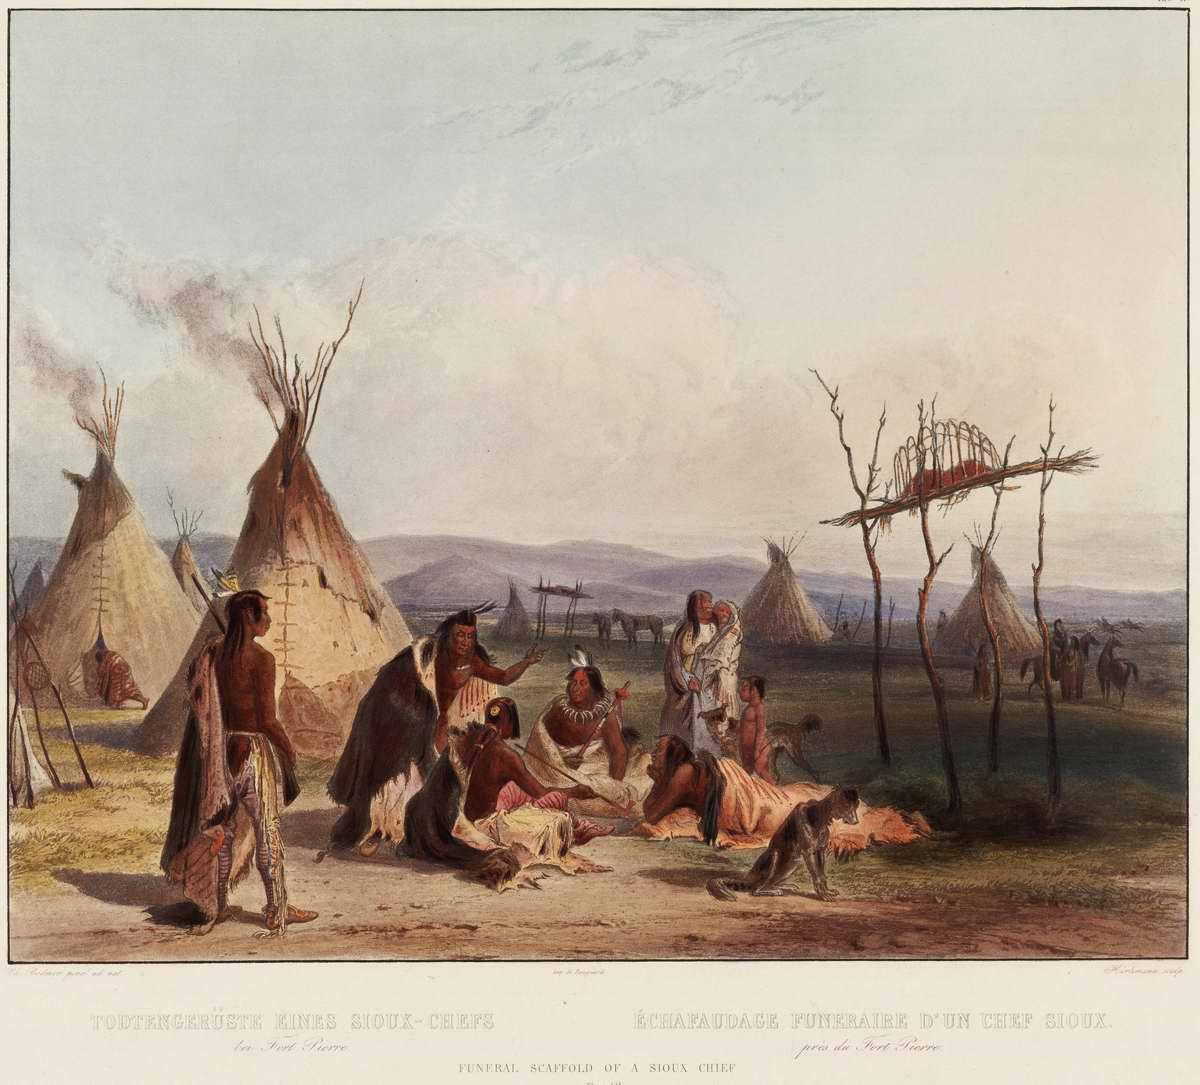 После похорон вождя племени сиу - Karl Bodmer